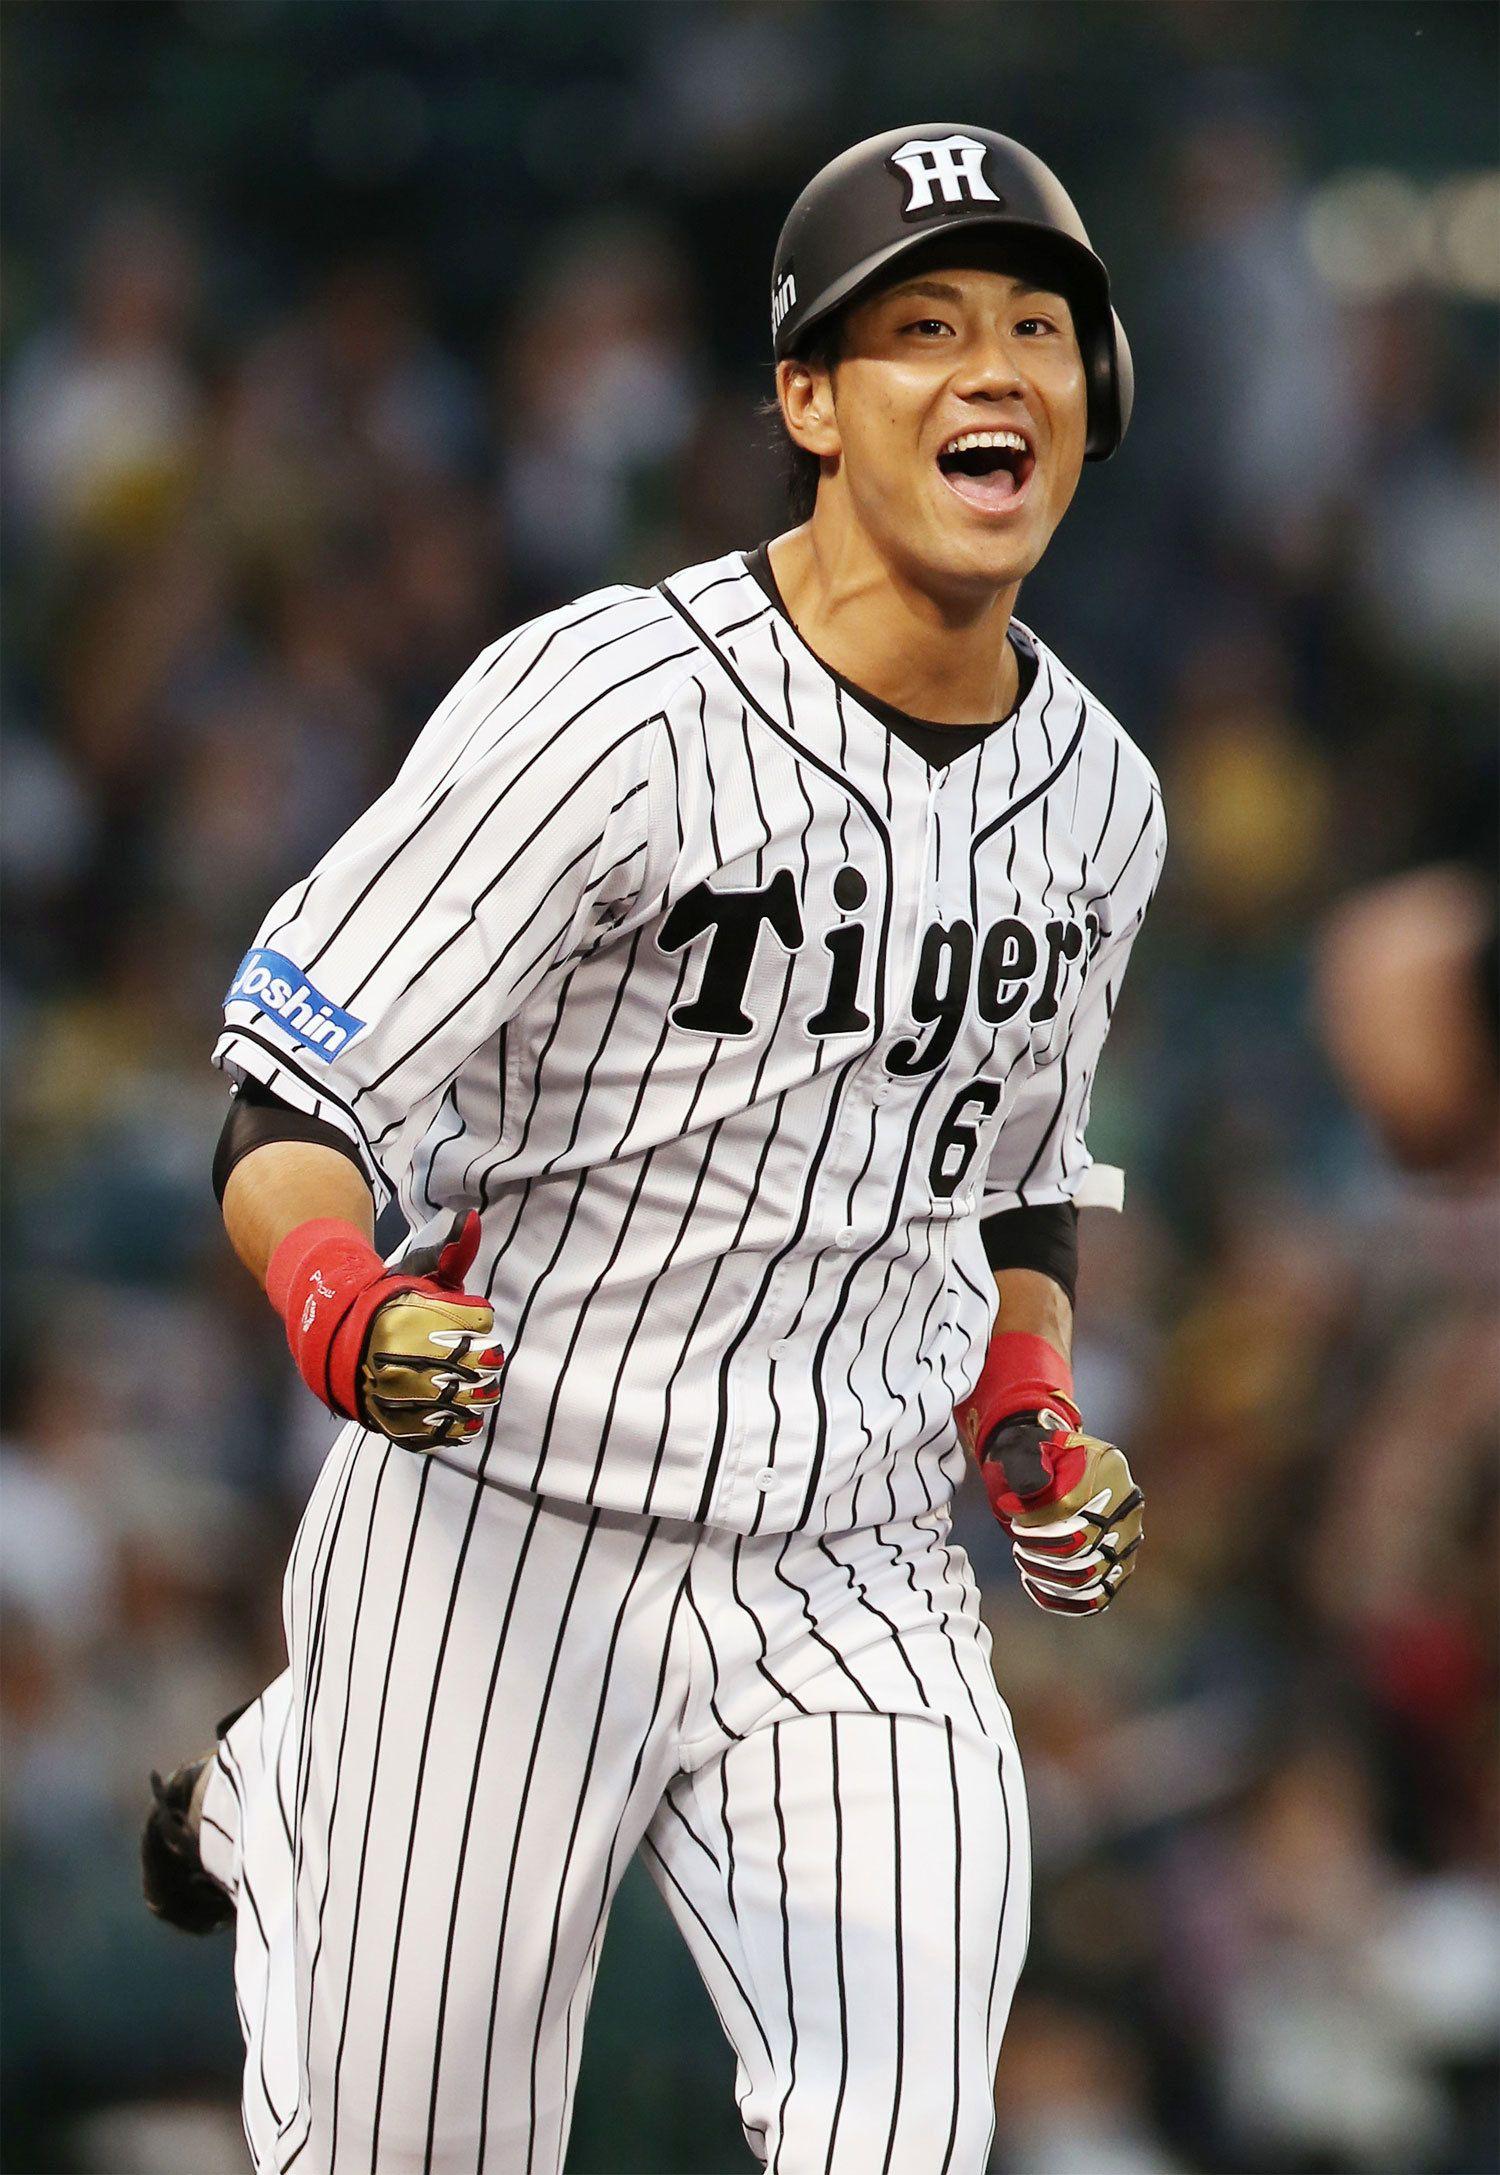 8月3日現在、チーム最多の11本塁打をマークしている中谷将大 ©時事通信社